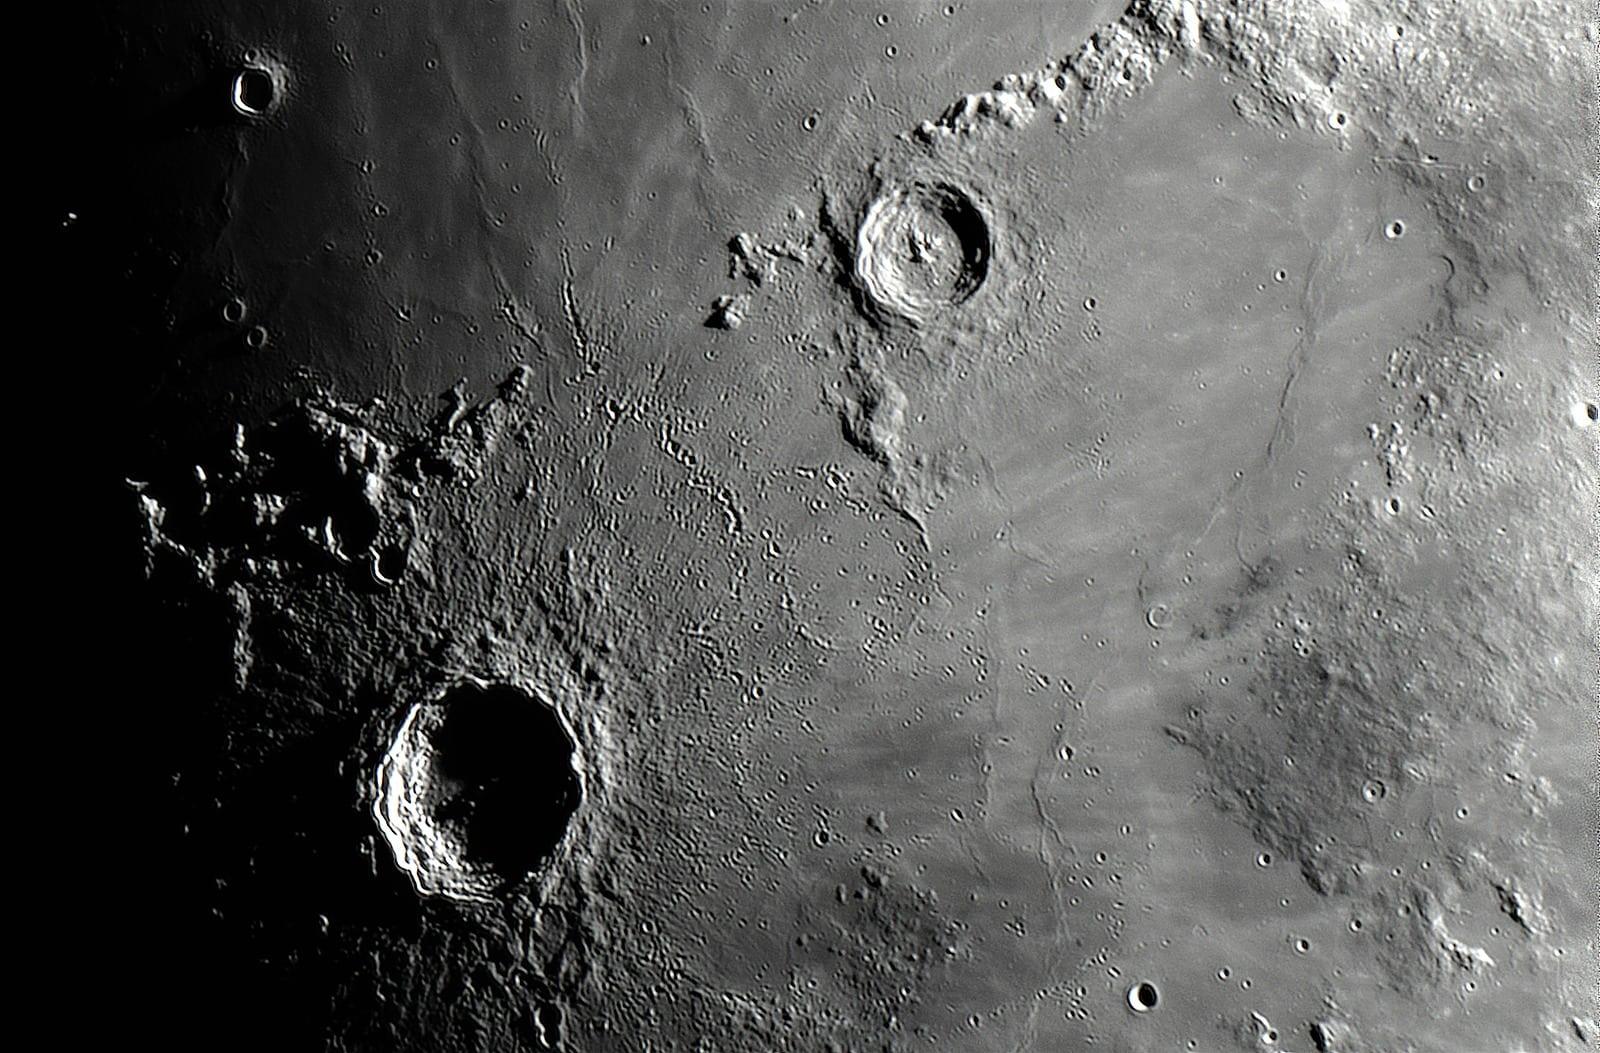 Copernicus, Stadius und Eratosthenes